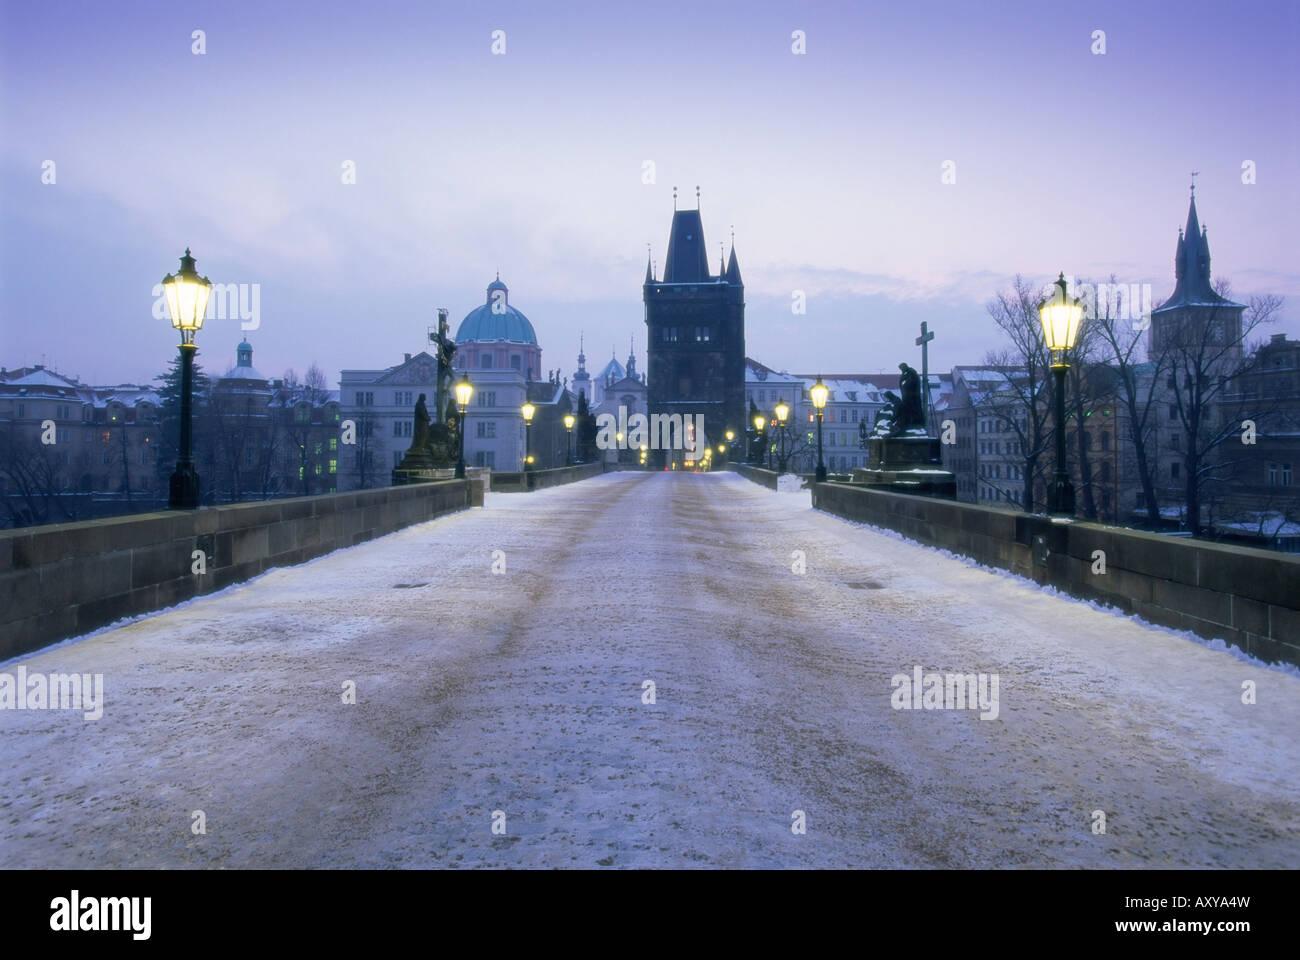 Karlsbrücke im Winterschnee, Prag, UNESCO-Weltkulturerbe, Tschechische Republik, Europa Stockbild